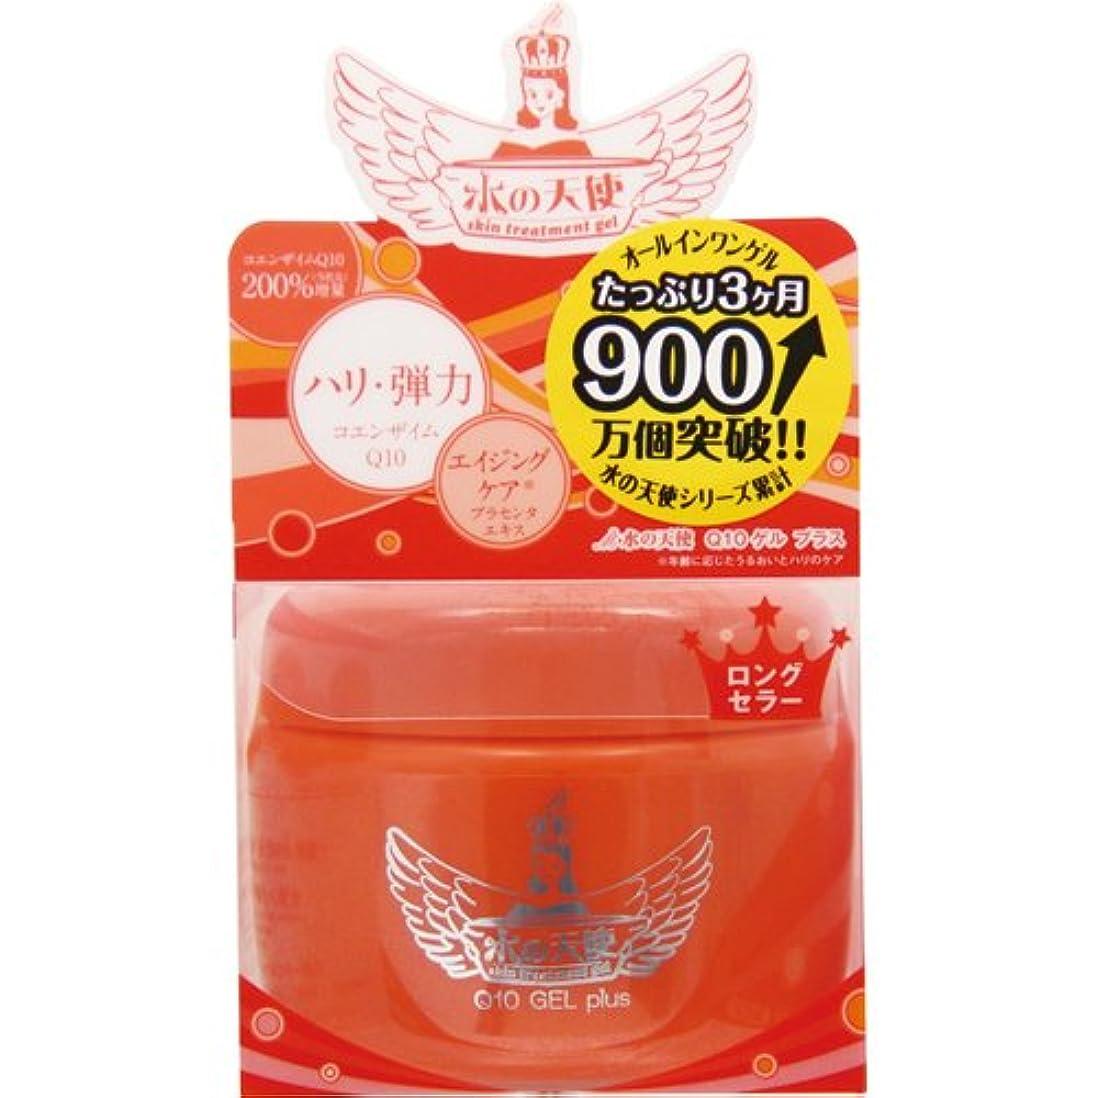 喉頭力承認する水の天使 Q10ゲルプラス 150g